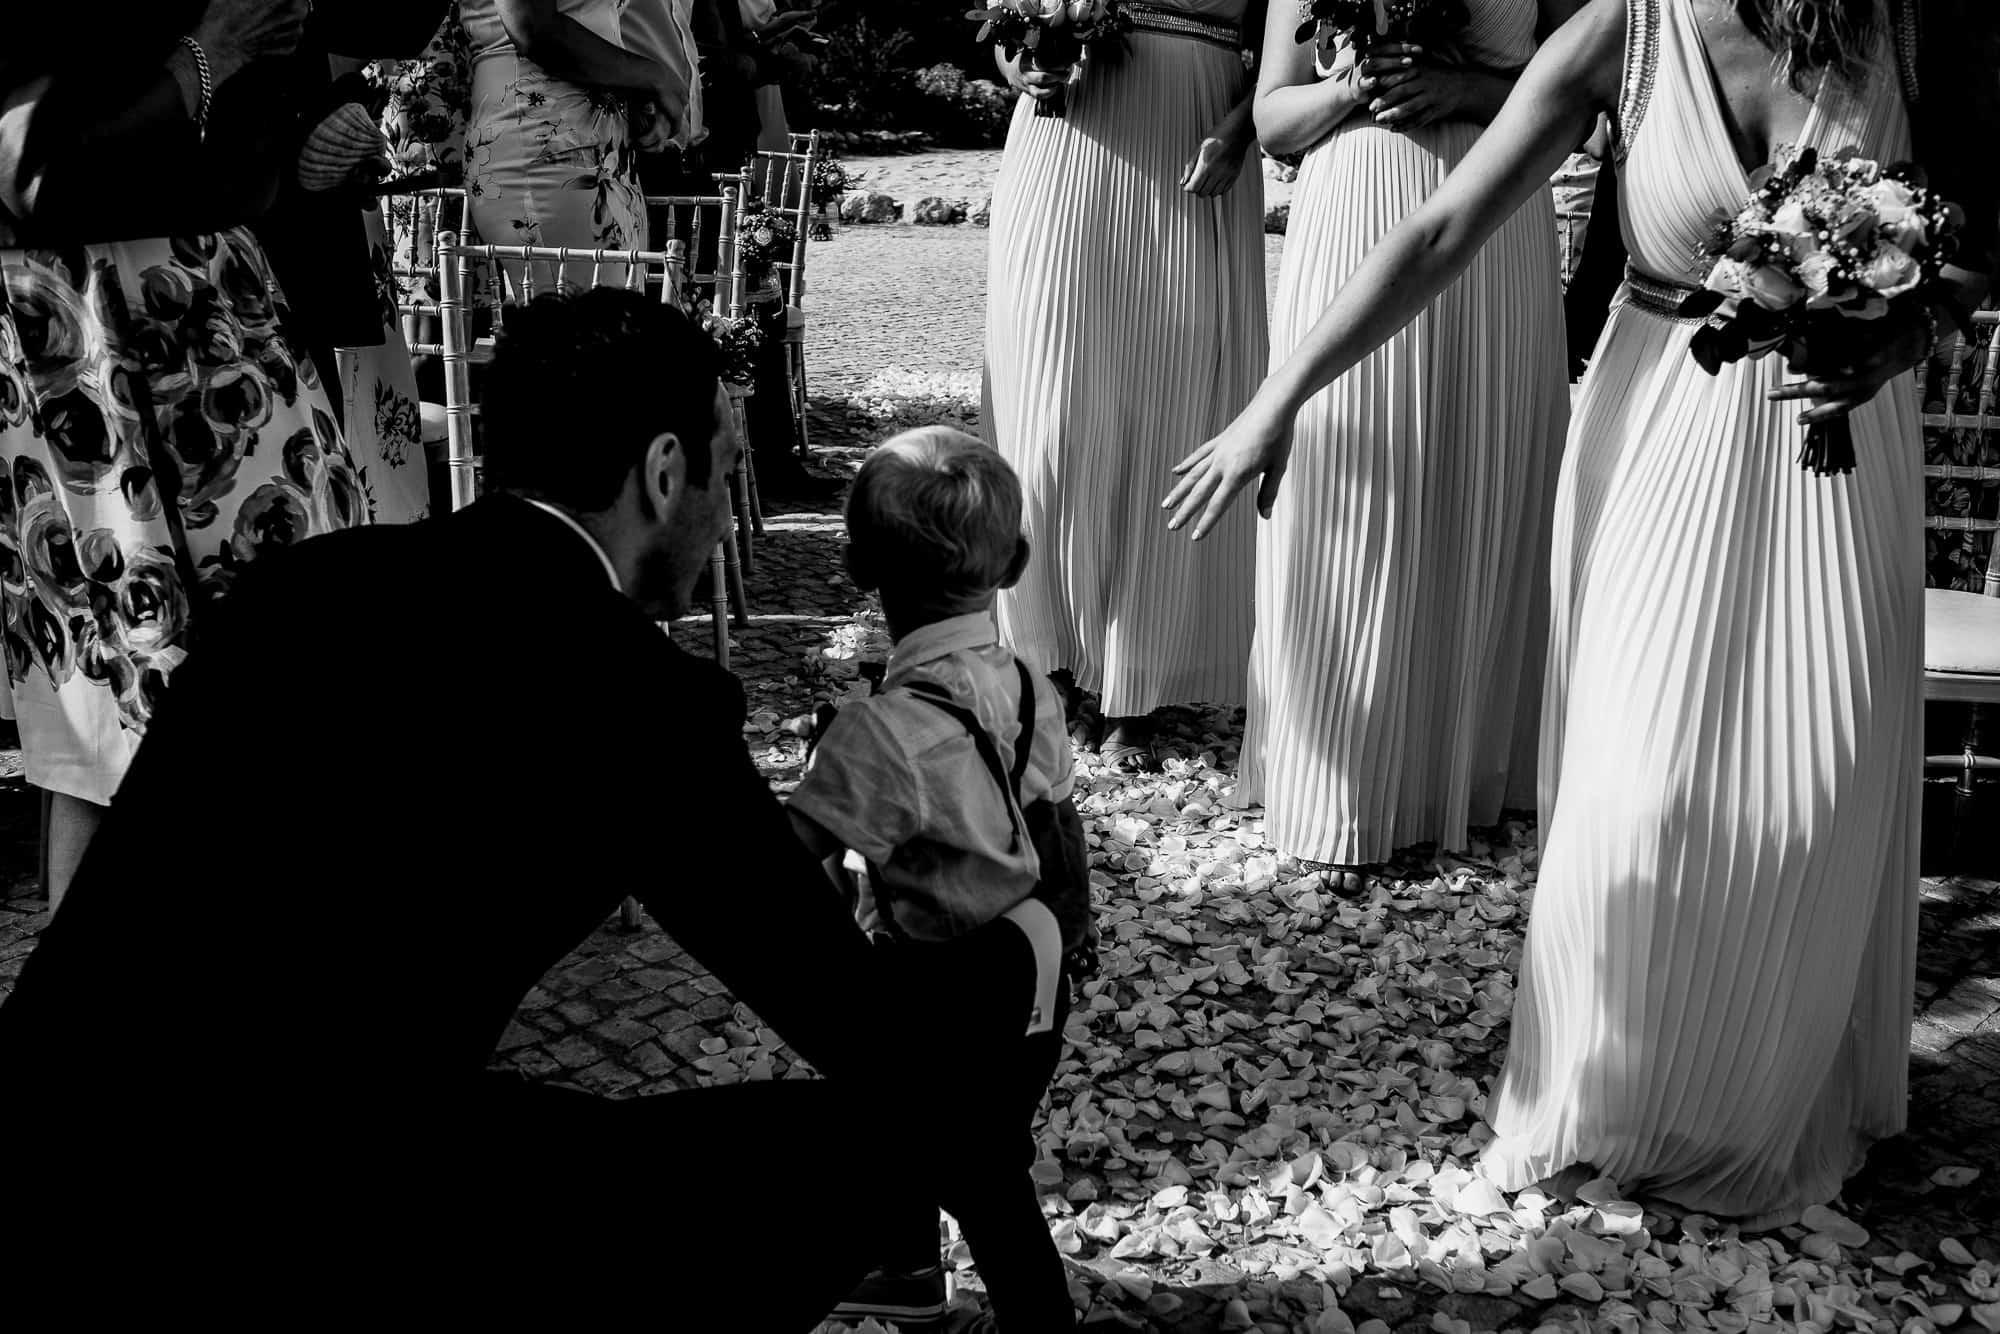 algarve-wedding-photographer-matt-tyler-0032